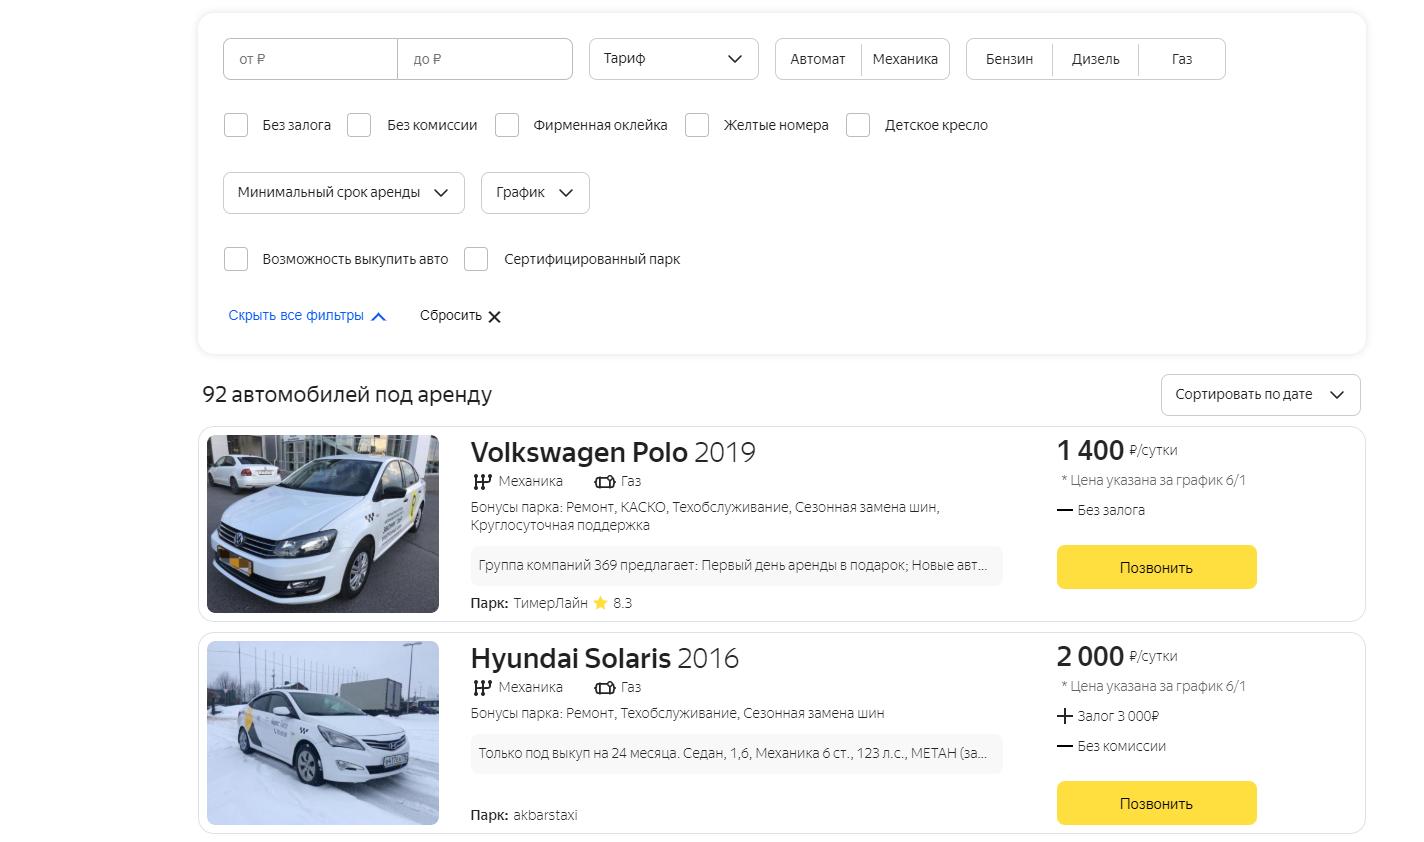 «Яндекс» запланировал запустить в Москве сервис для аренды машин под такси «Гараж» до конца 2019 года